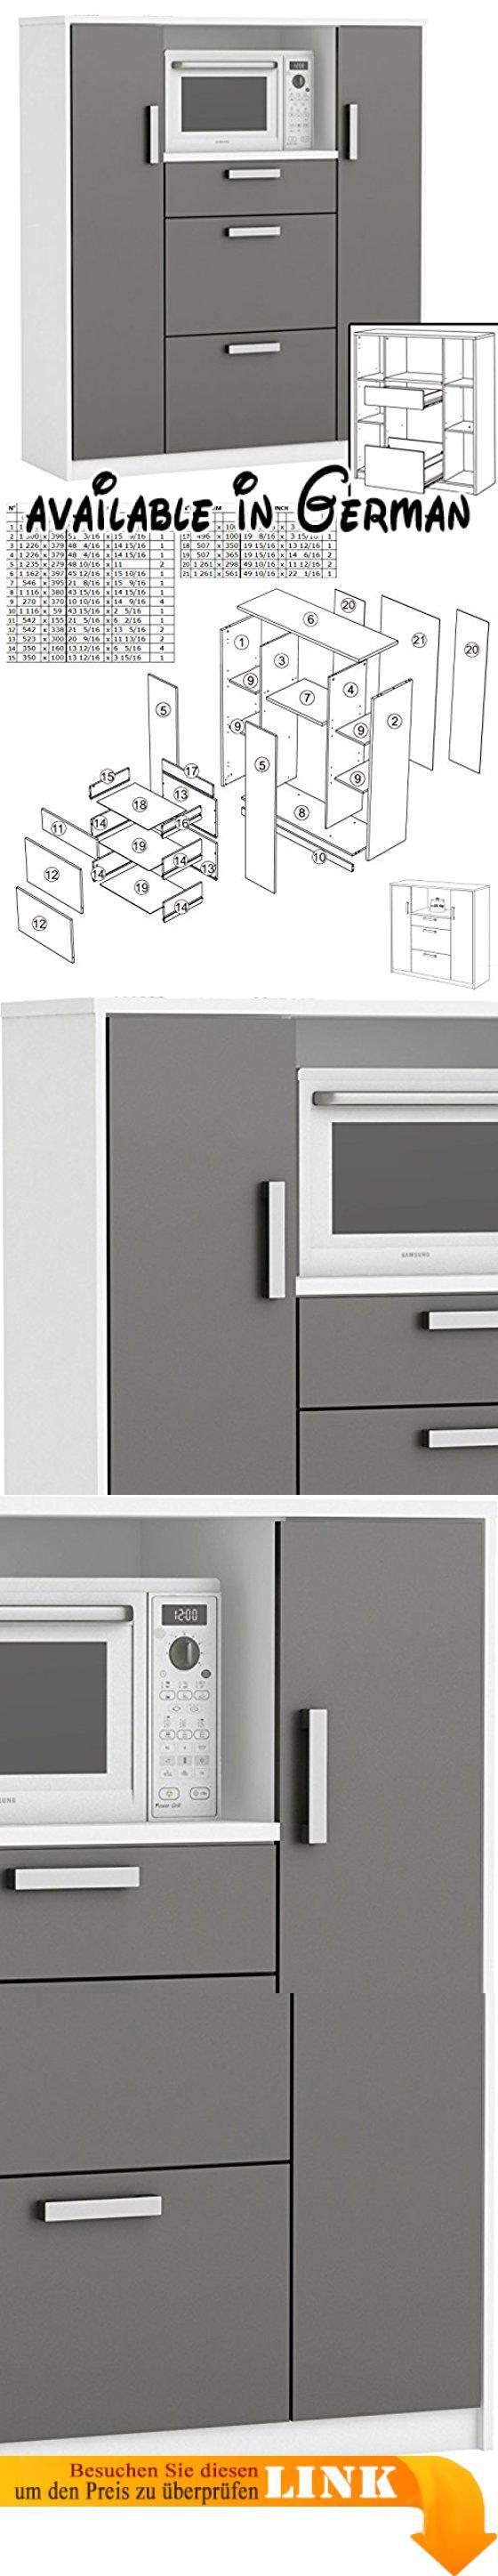 B06XC3231B : moderner Küchenschrank #8540 weiß grau Miniküche Küchenzeile Küchenregal Schrank. Singleküche Küchenschrank in weiss & graphit-grau. Maße: Breite ca. 116 cm x Höhe ca. 132 cm x Tiefe ca. 40 cm - Gewicht ca. 68 kg. Material: melaminharzbeschichtete Holz-Spanplatte in 15/22 mm. inkl. 3 x Schublade 2 x Fach mit Tür Ablagefläche. ohne Dekoration & Geräte - inkl. leicht verständlicher Aufbauanleitung #Furniture #HOME_FURNITURE_AND_DECOR